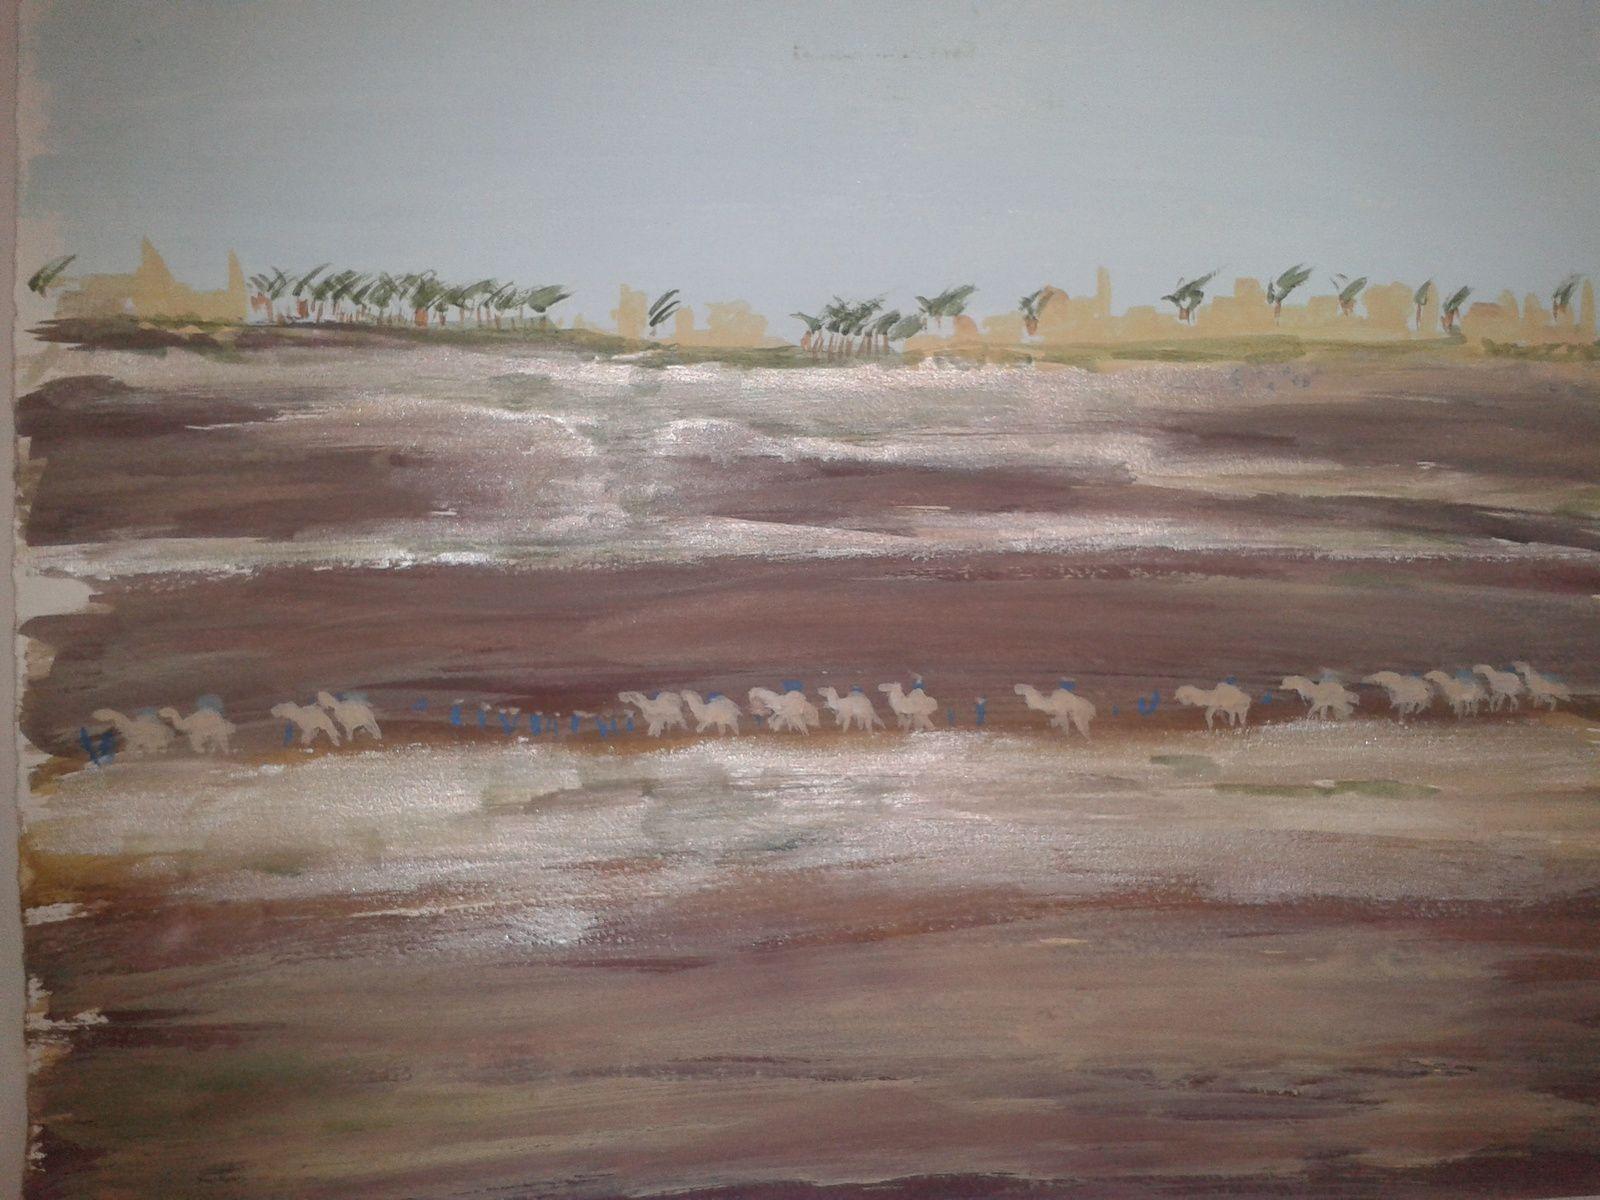 Vous pouvez acheter les dessins et peintures via ce blog mais aussi sur le site www.galerie-creation.com/